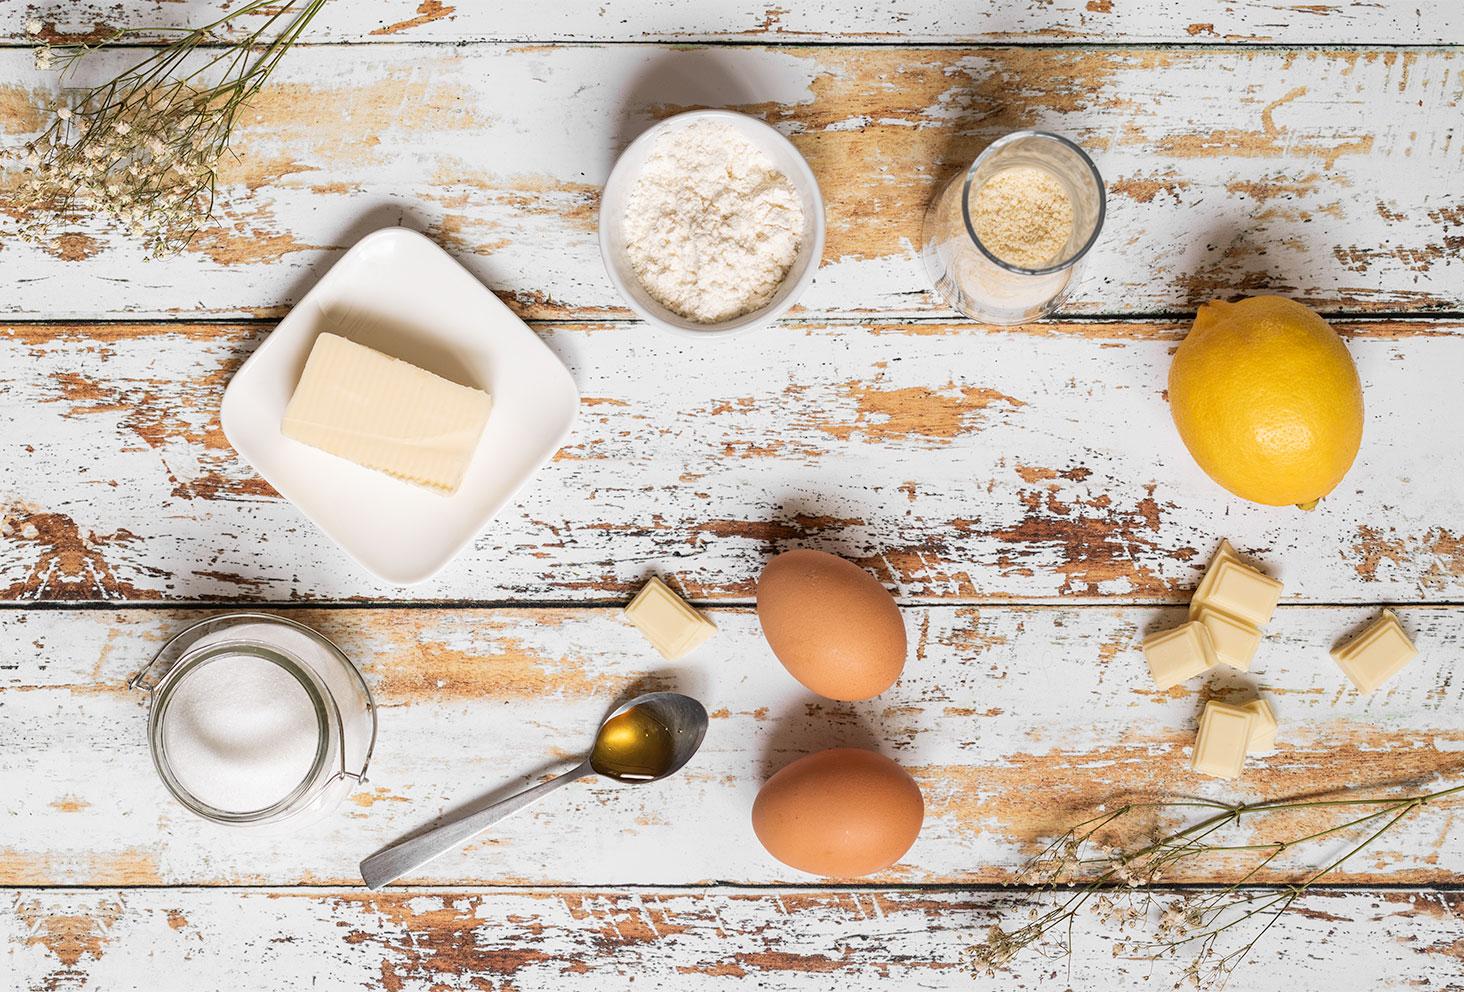 Les ingrédients nécessaires pour réaliser la recette facile de des financiers au citron et aux pépites de chocolat blanc, posés sur une table en bois vintage